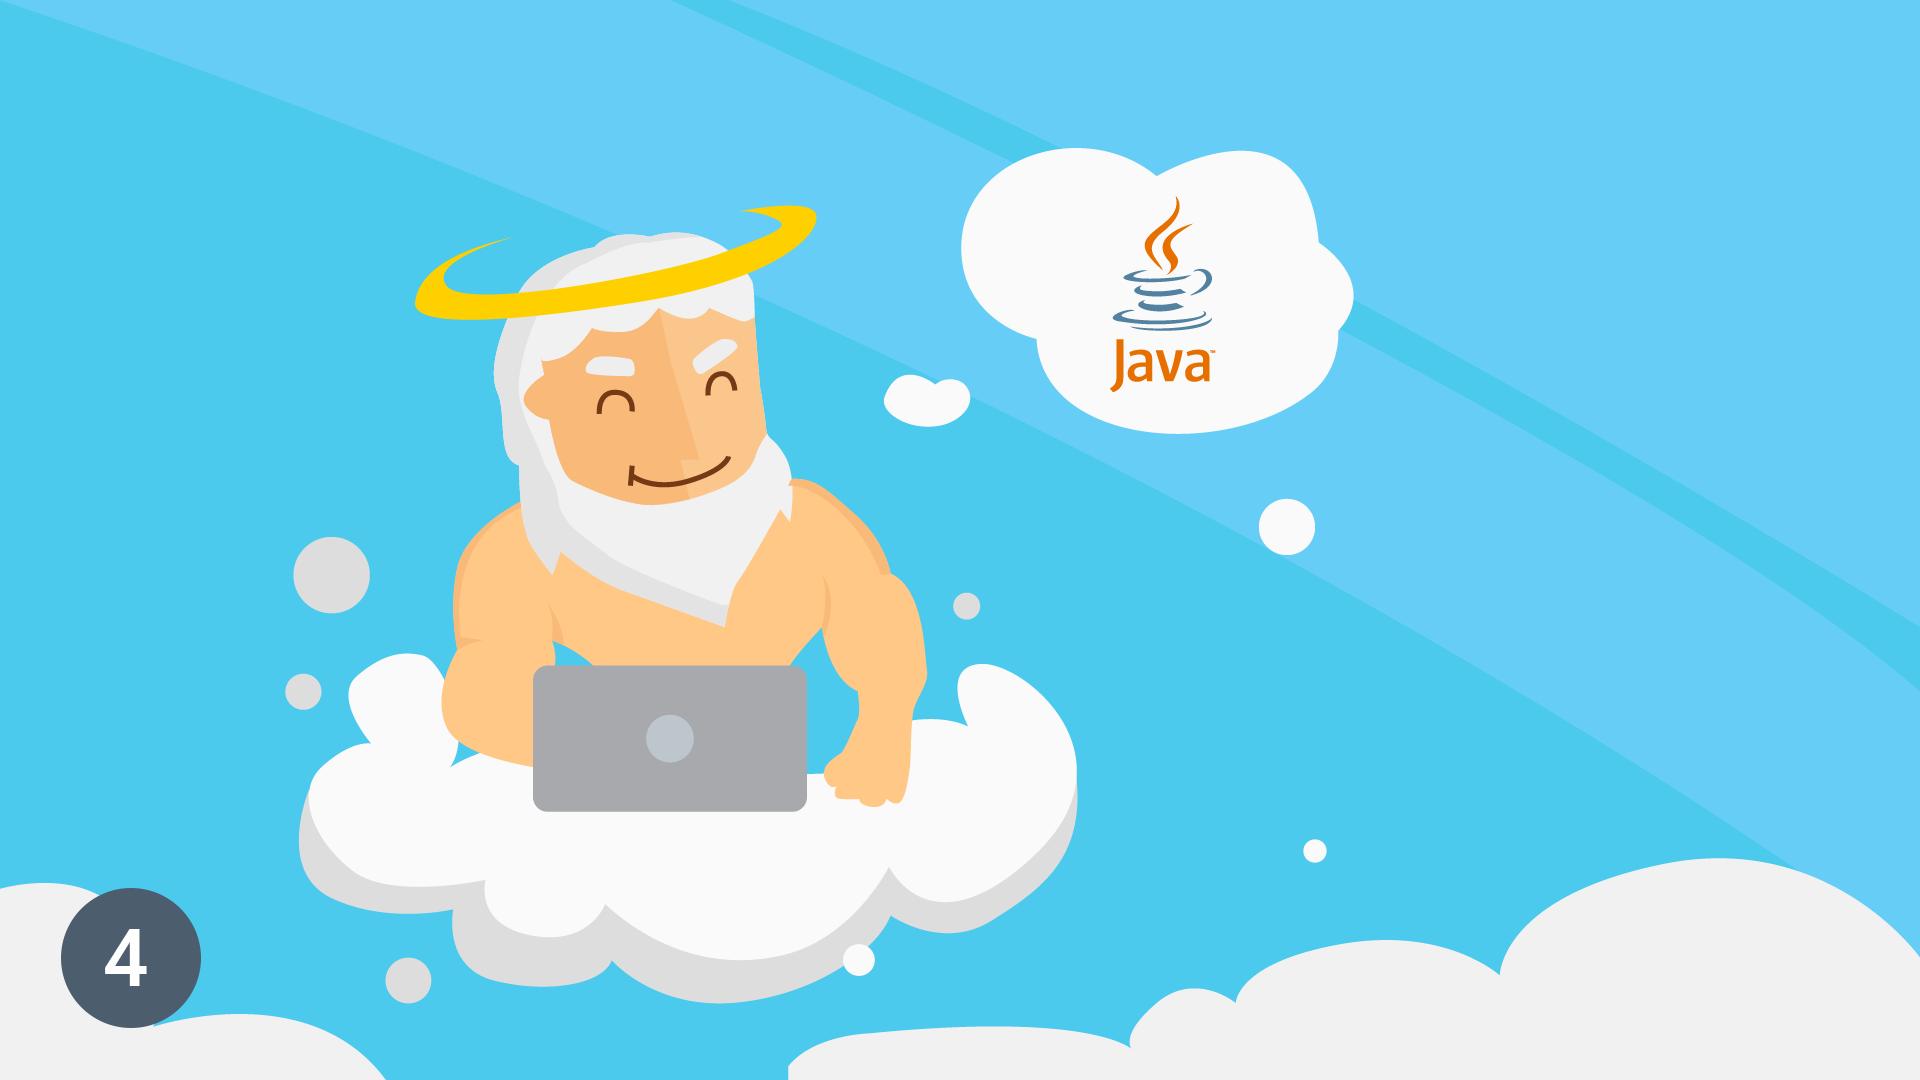 Вебинар Почувствуй себя богом, или Моделирование жизни на Java. Часть IV фото